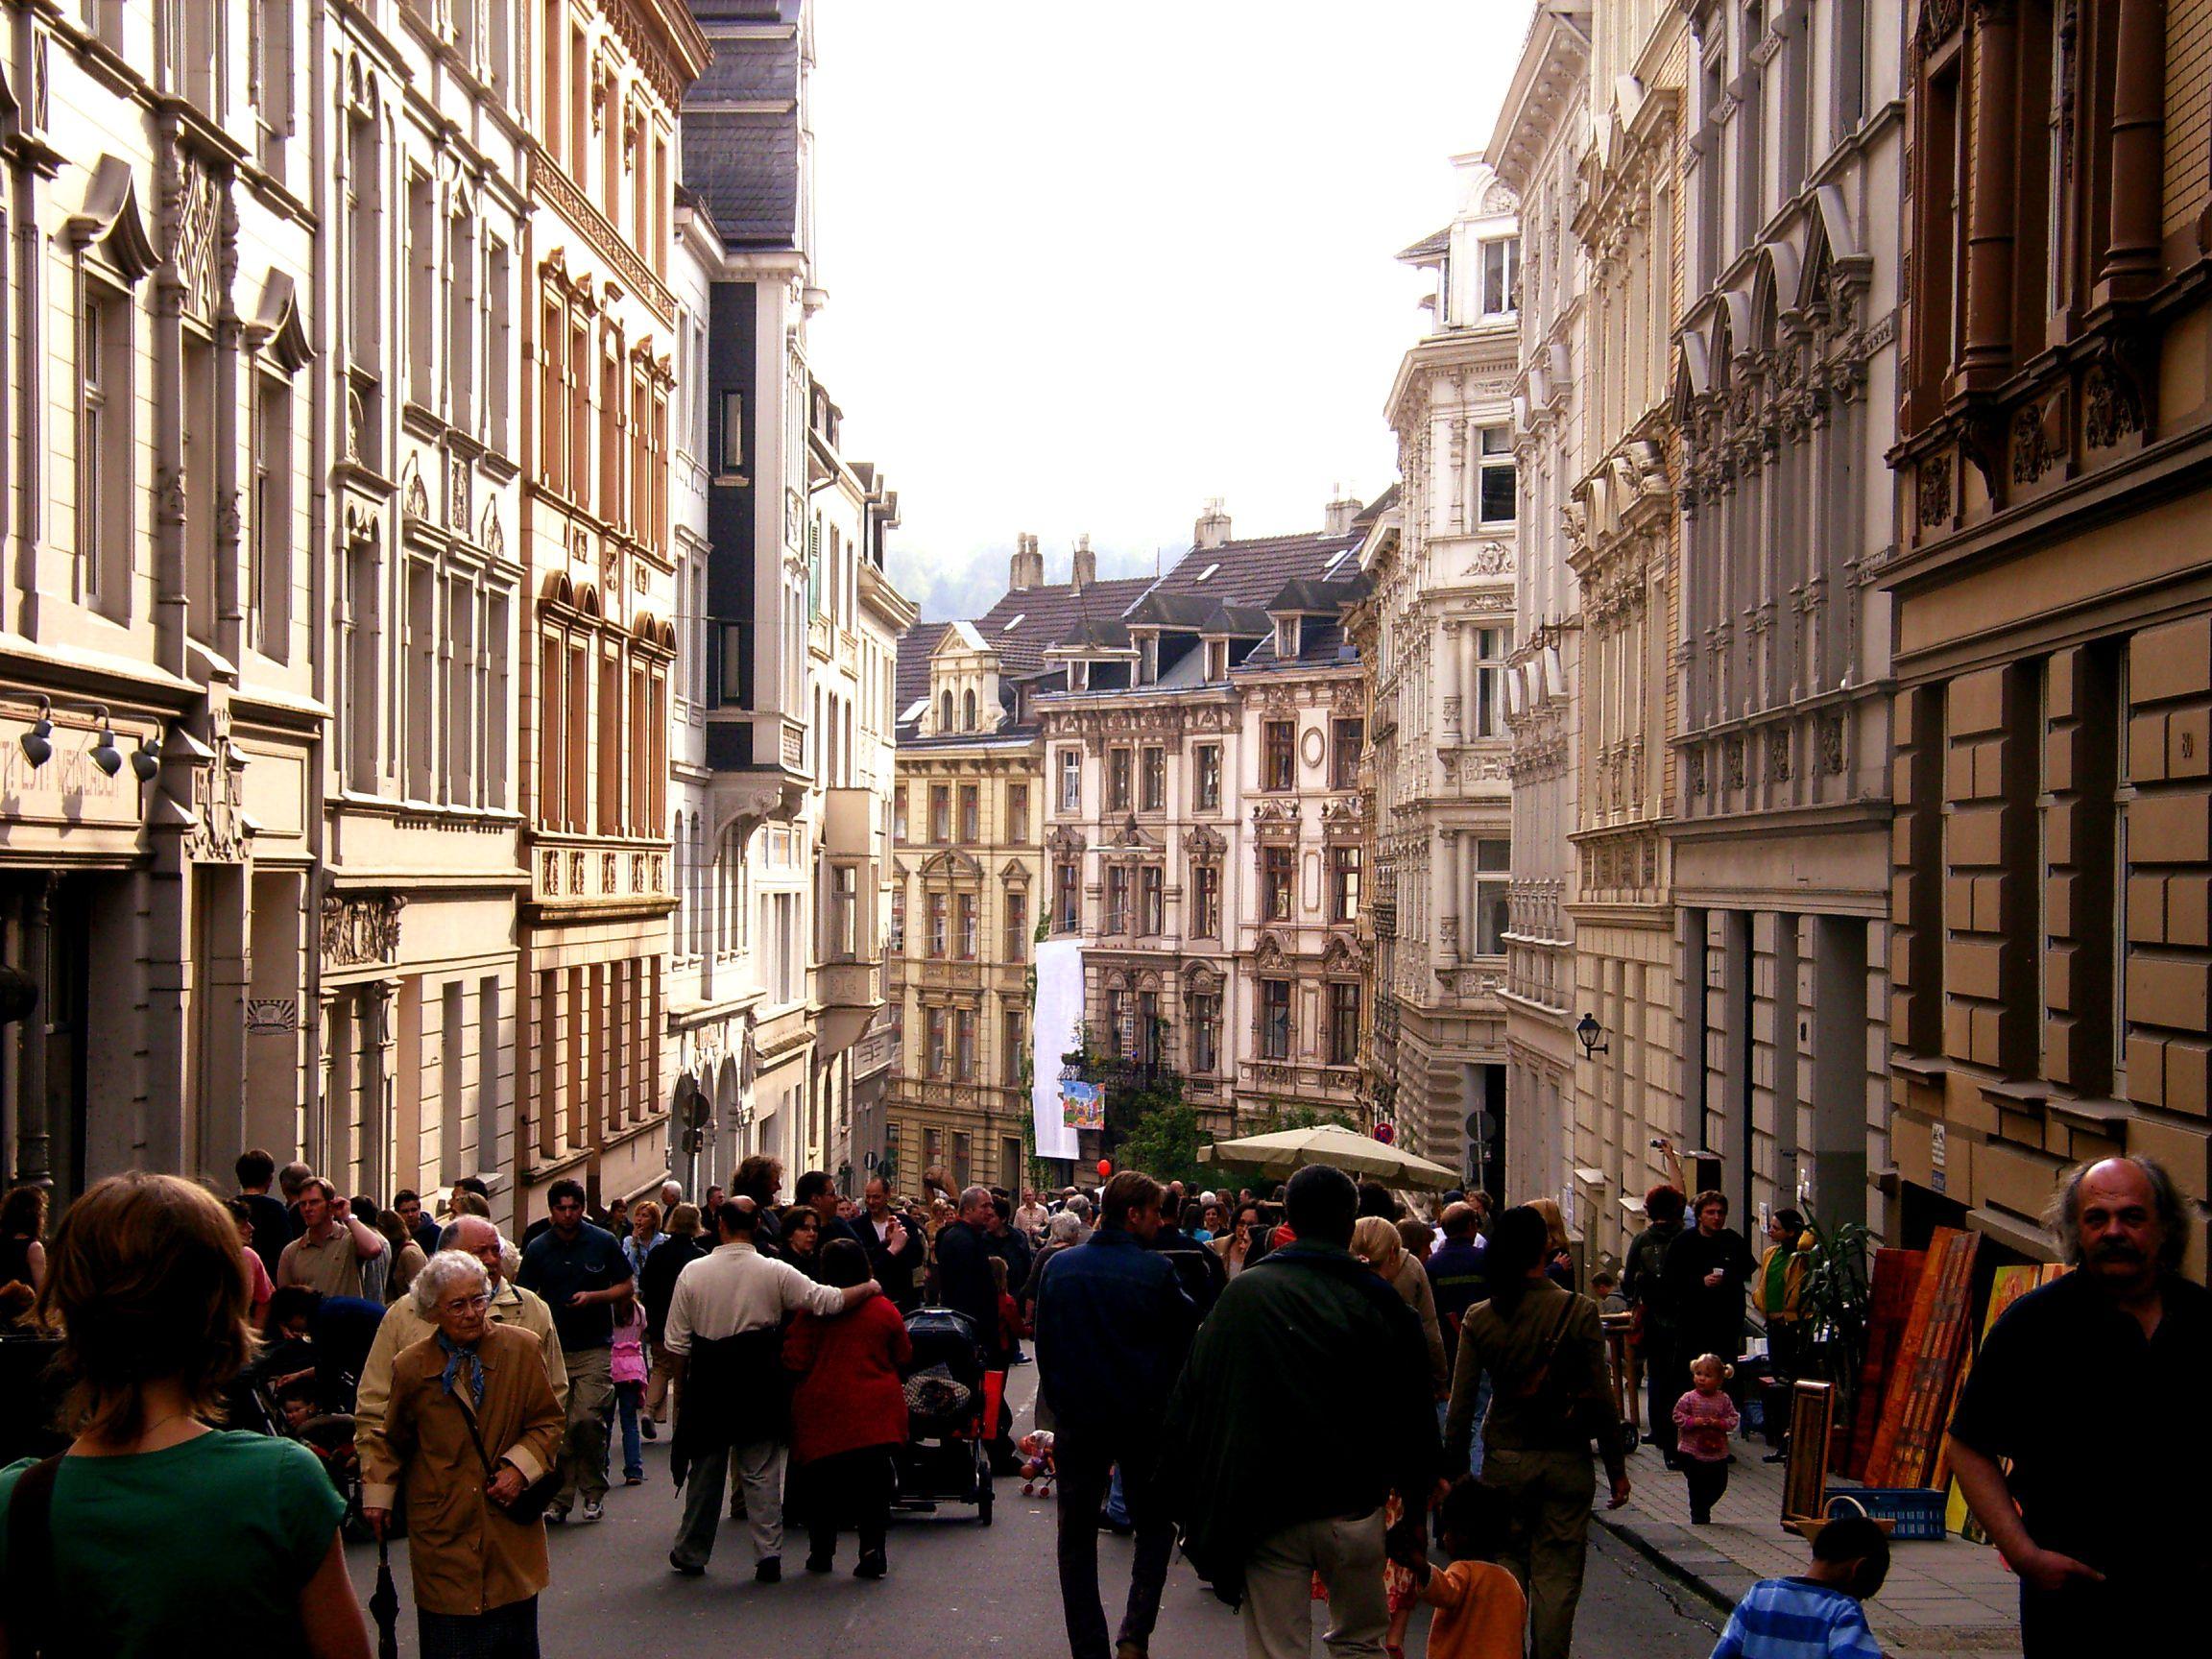 Briller Straße | Mapio.net